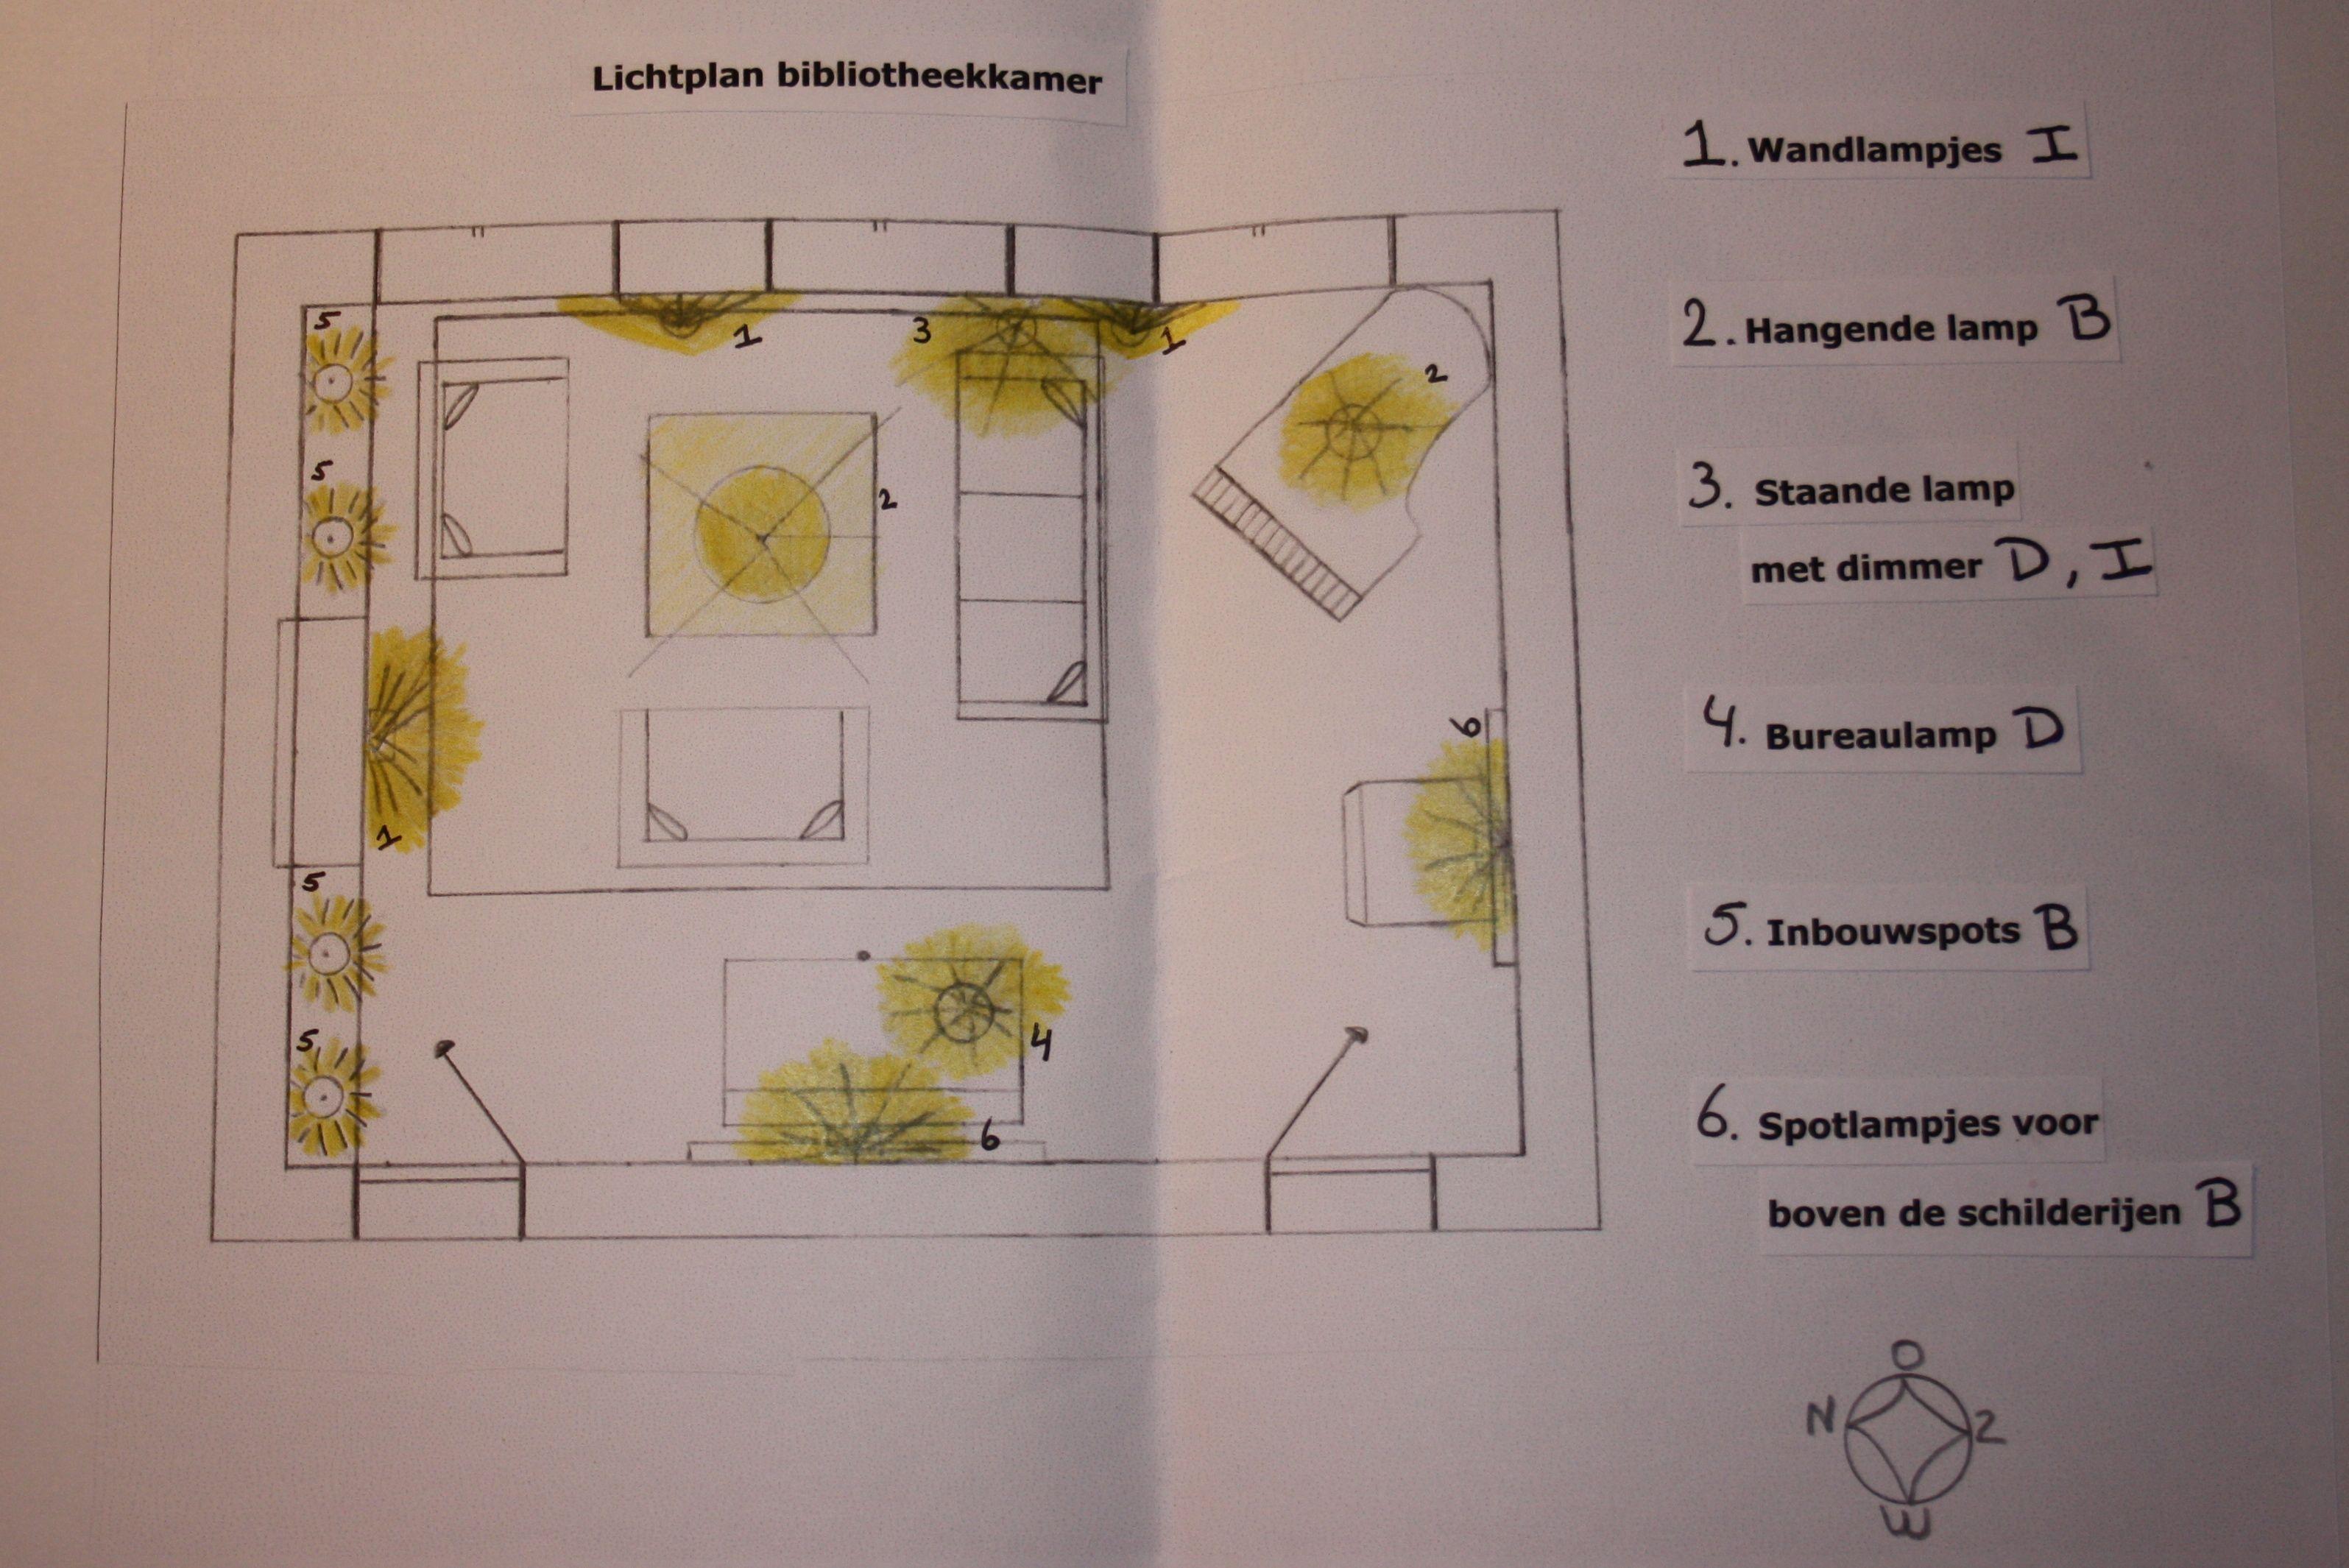 Voorbeeld Lichtplan Woonkamer : Eenvoudig lichtplan opdracht 9 interieurstyling interior